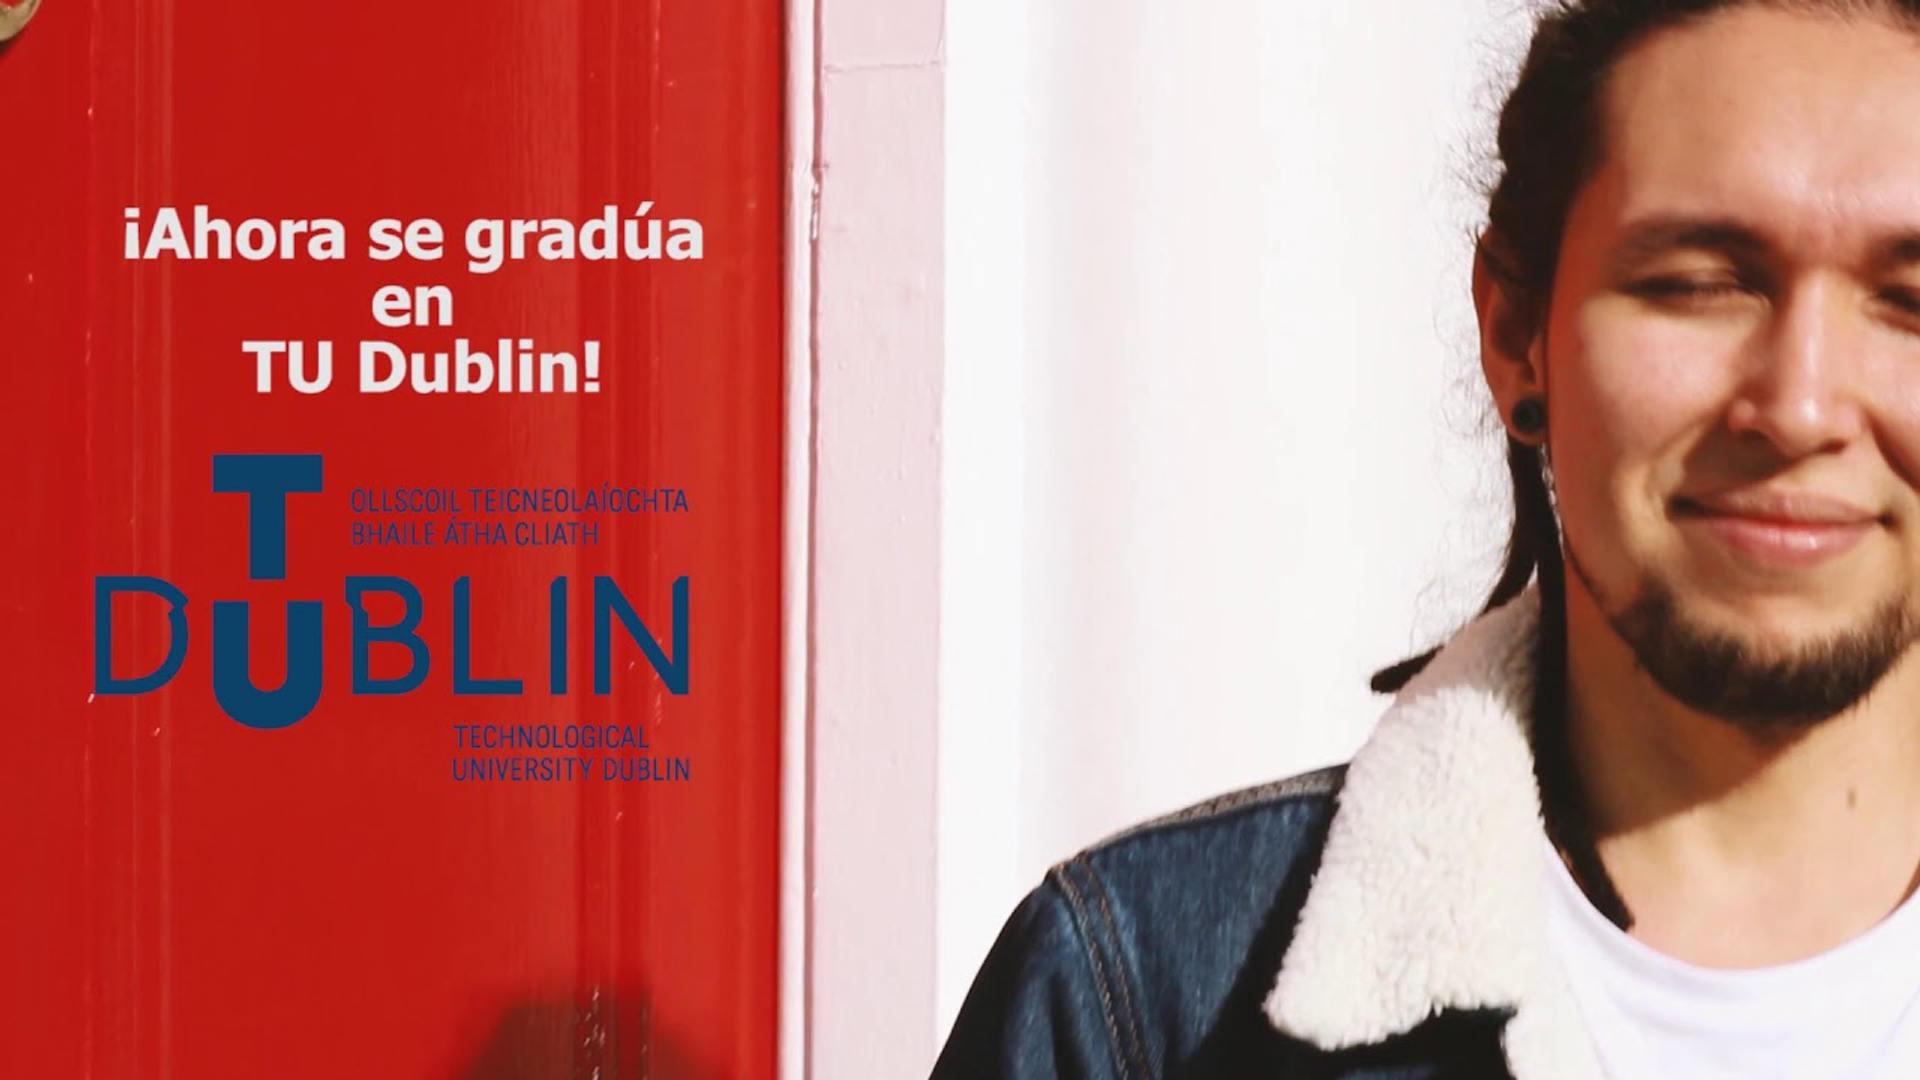 ¿Te gustaría estudiar y trabajar en Irlanda?